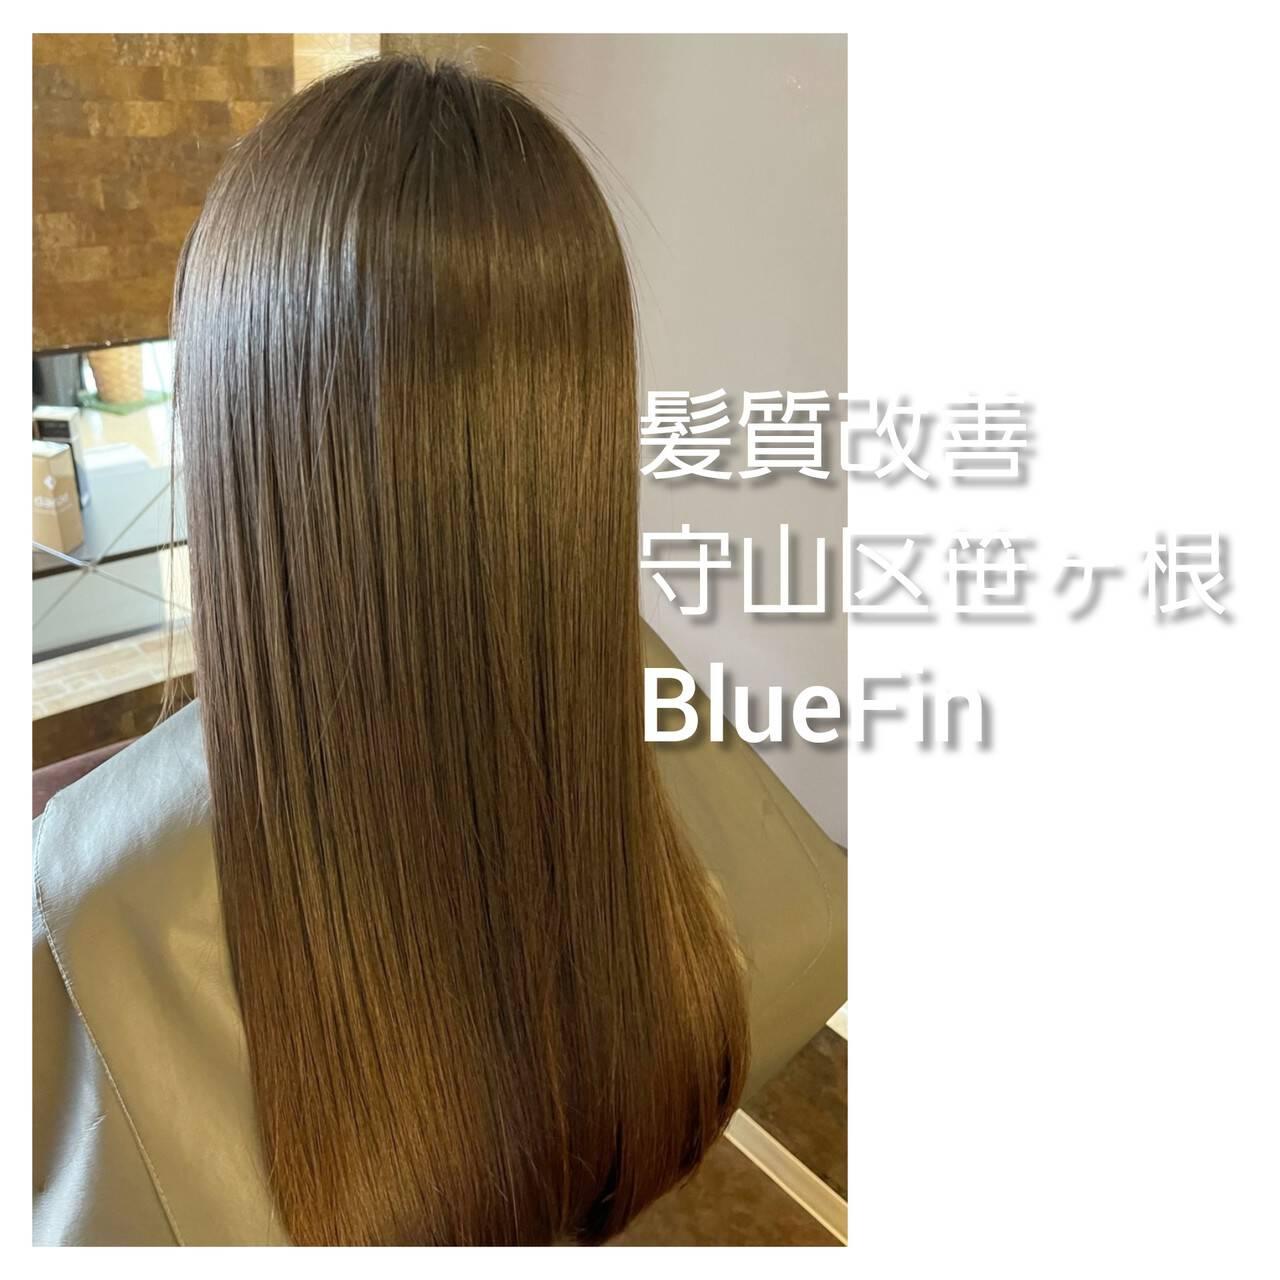 髪の病院 美髪 ロング ナチュラルヘアスタイルや髪型の写真・画像